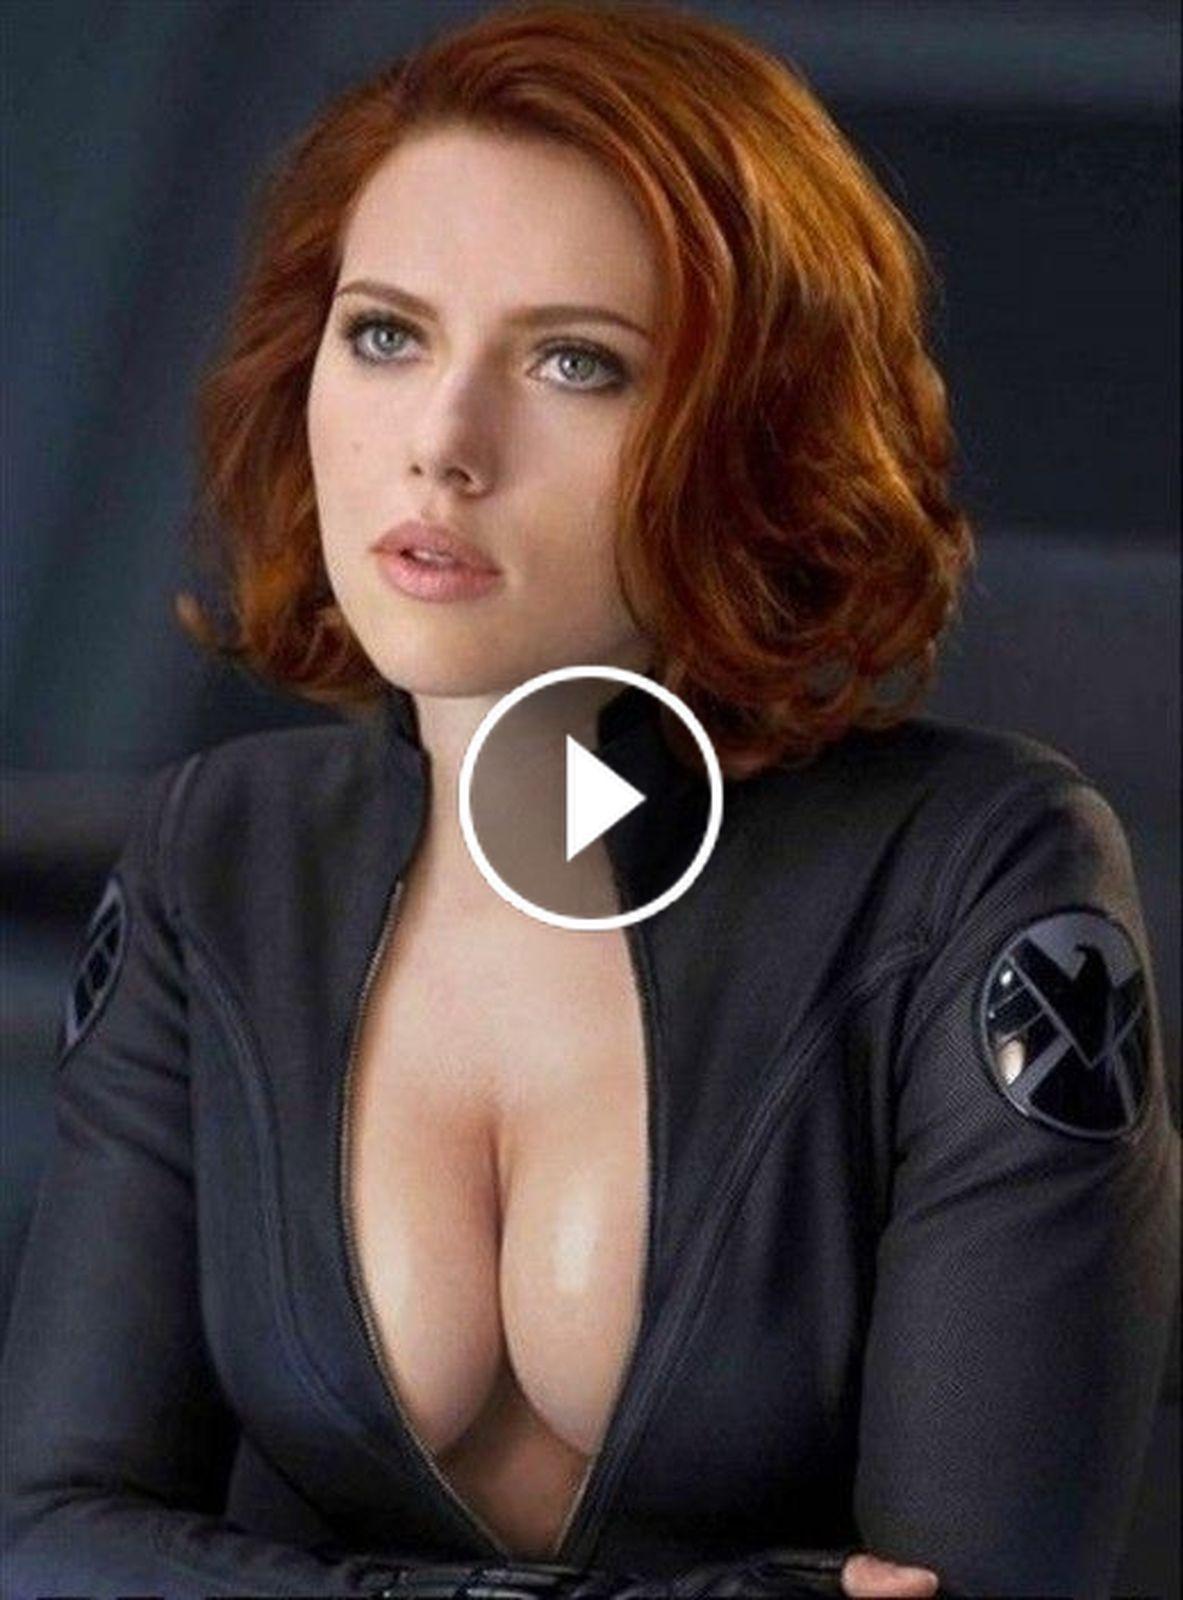 Порно секс девочки смотреть бесплатно